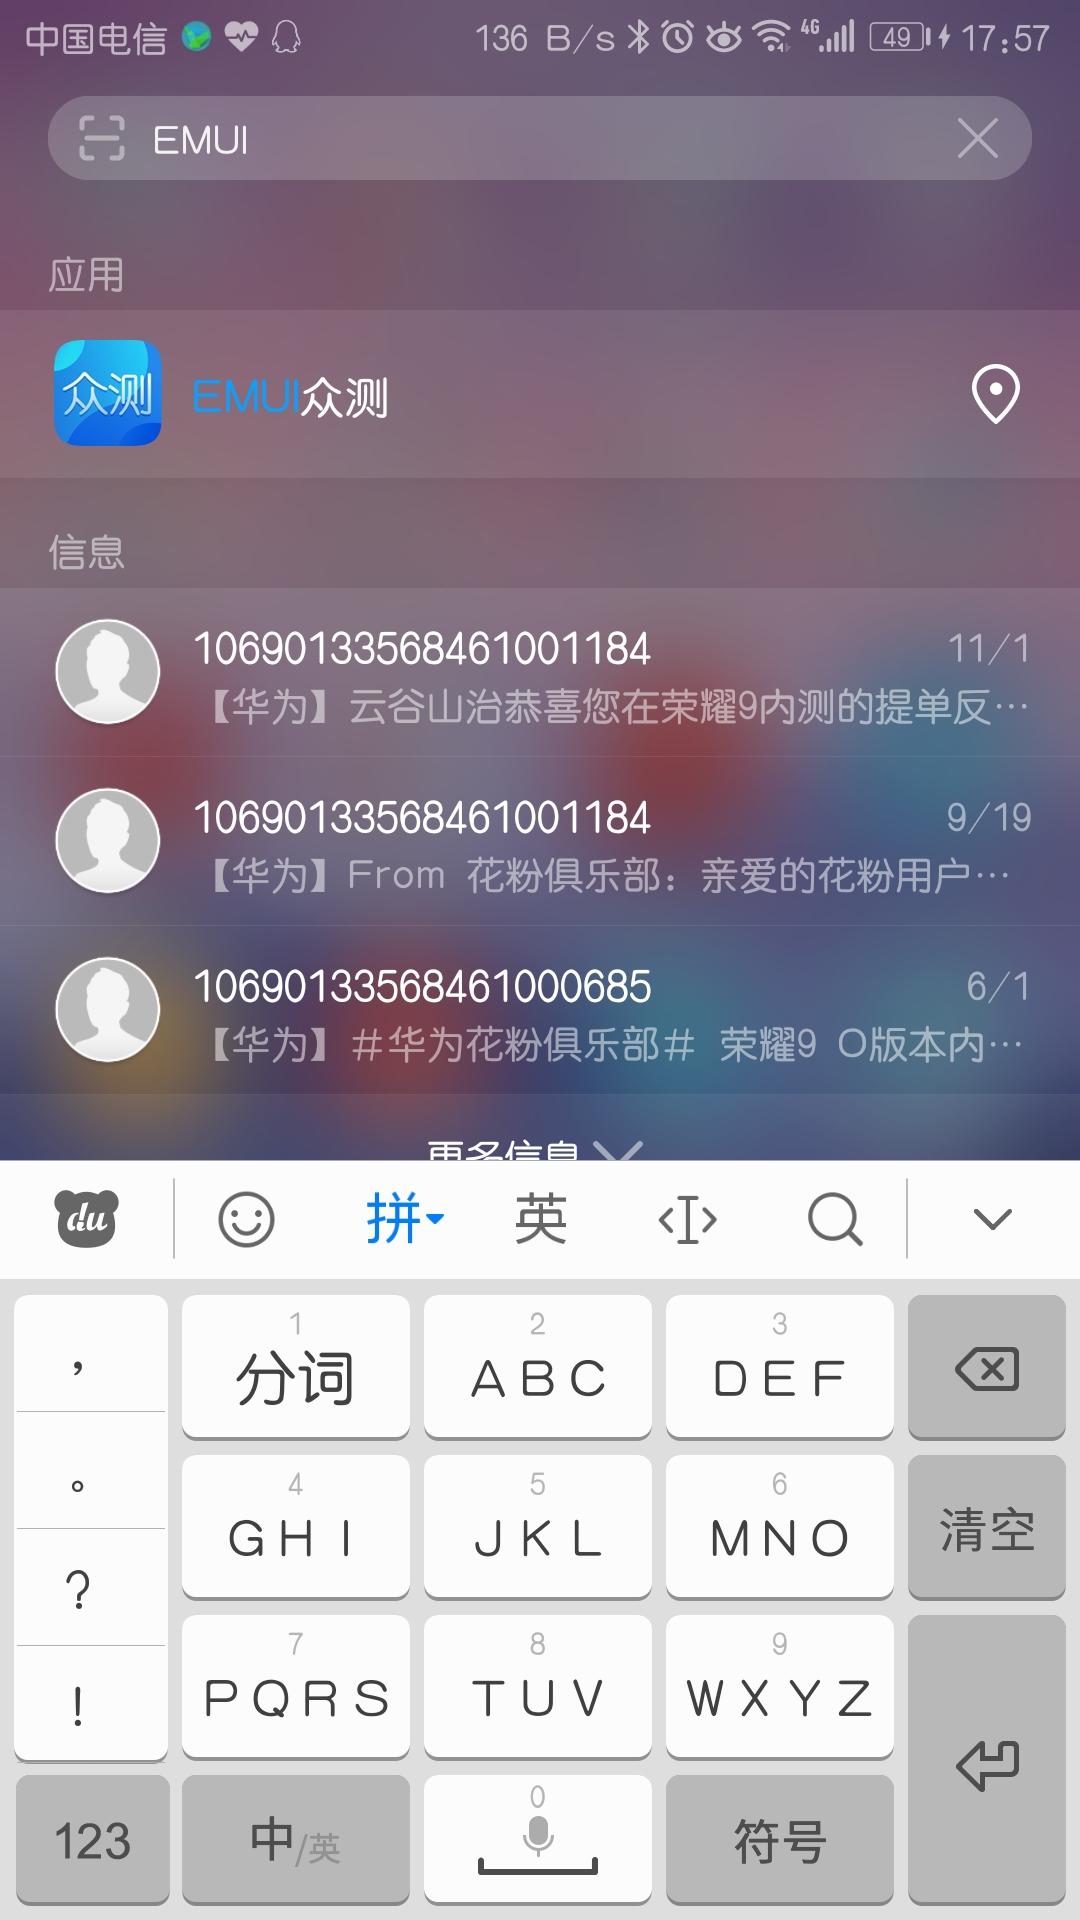 Screenshot_20181103-175732.jpg